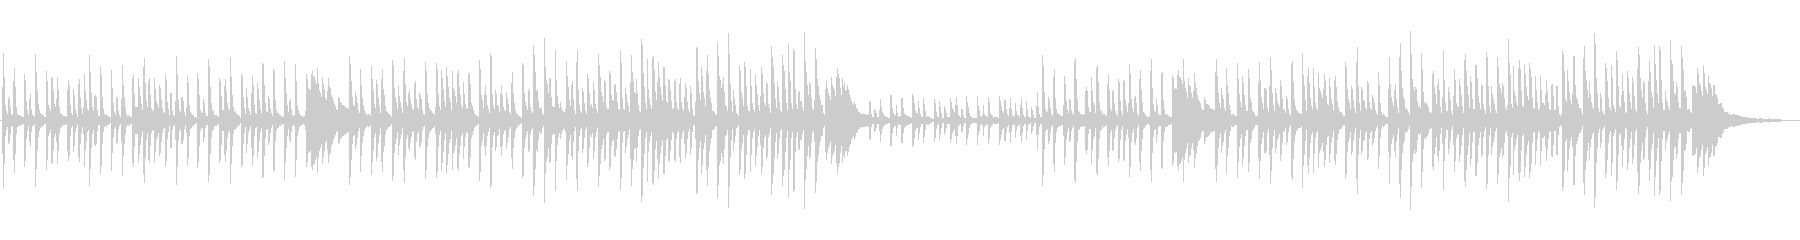 幻想的で不思議な切ないピアノソロの未再生の波形